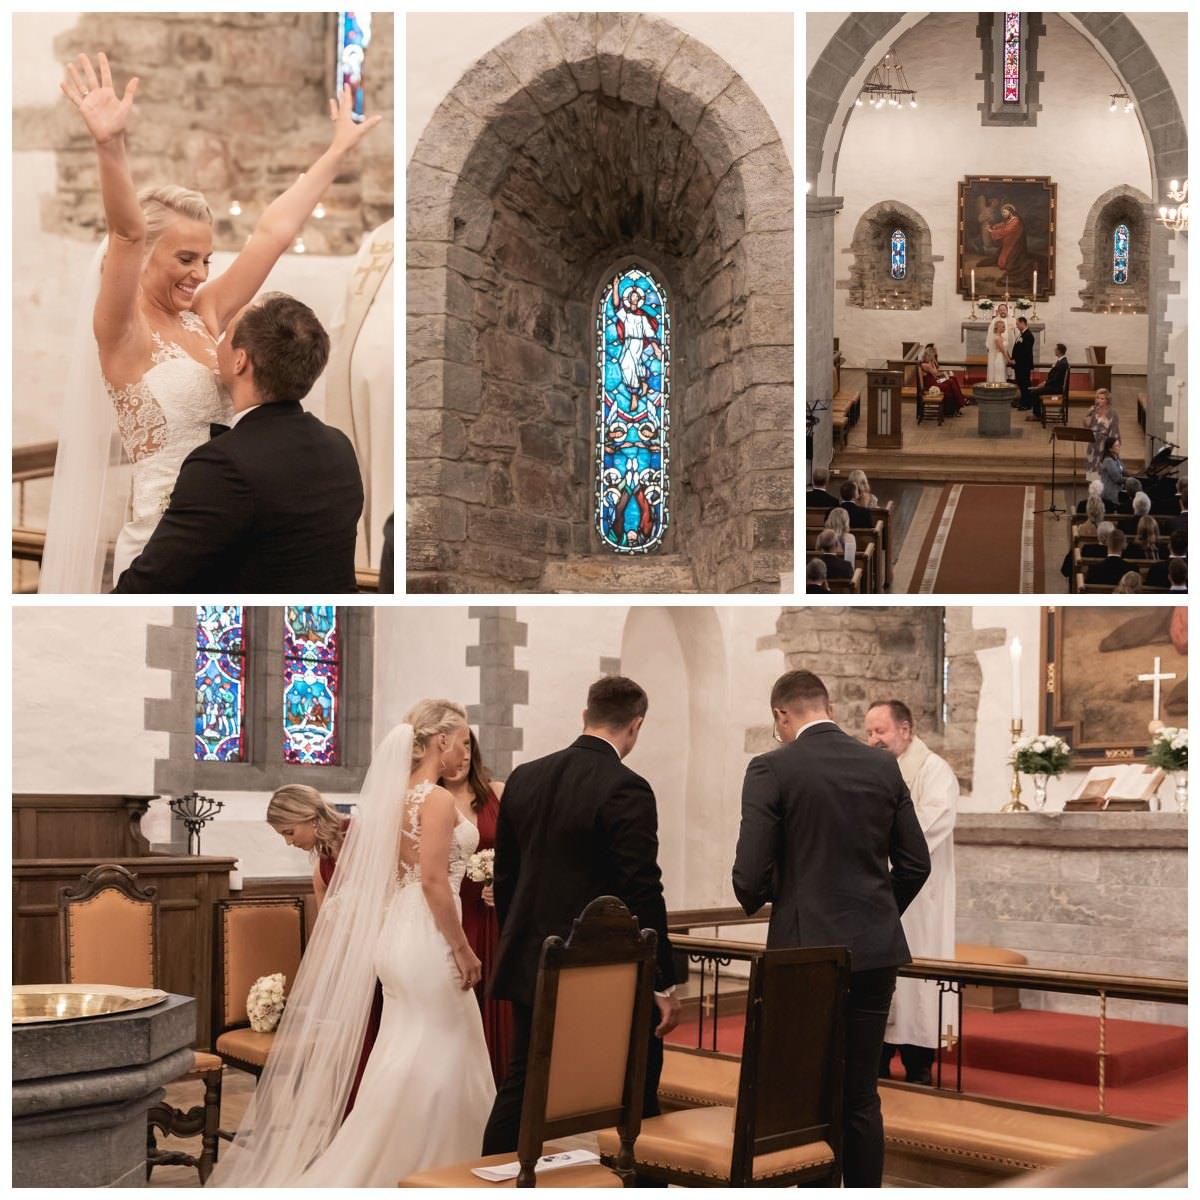 fana kirke innvendig vielse bryllup brudepar brud brudgom